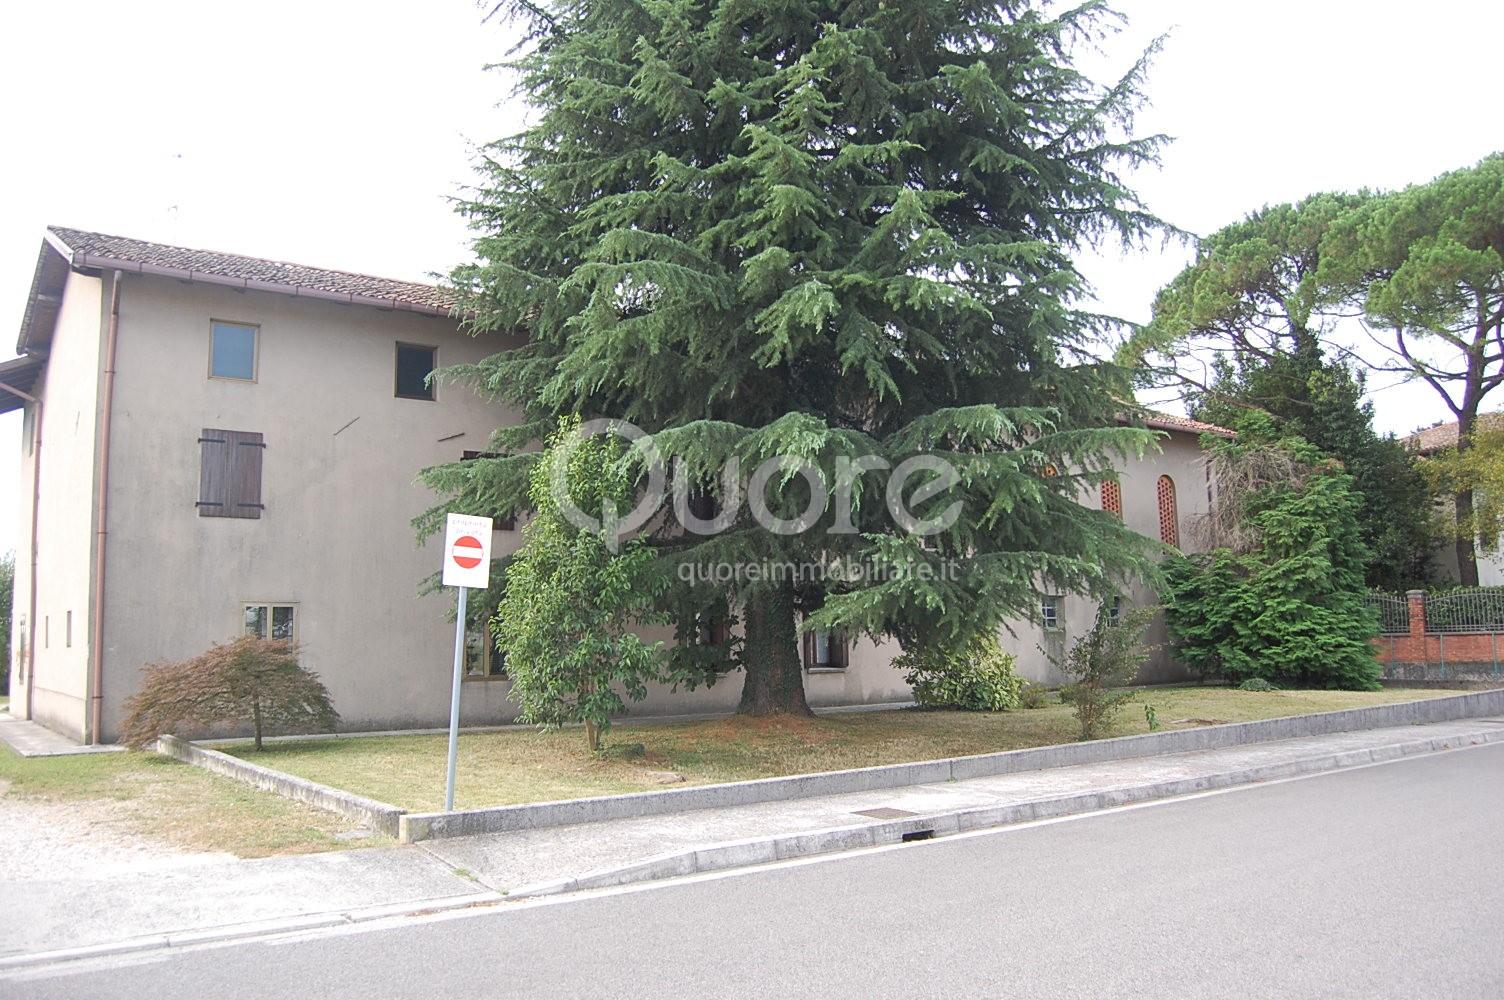 Soluzione Semindipendente in vendita a Pagnacco, 9 locali, prezzo € 325.000 | Cambio Casa.it